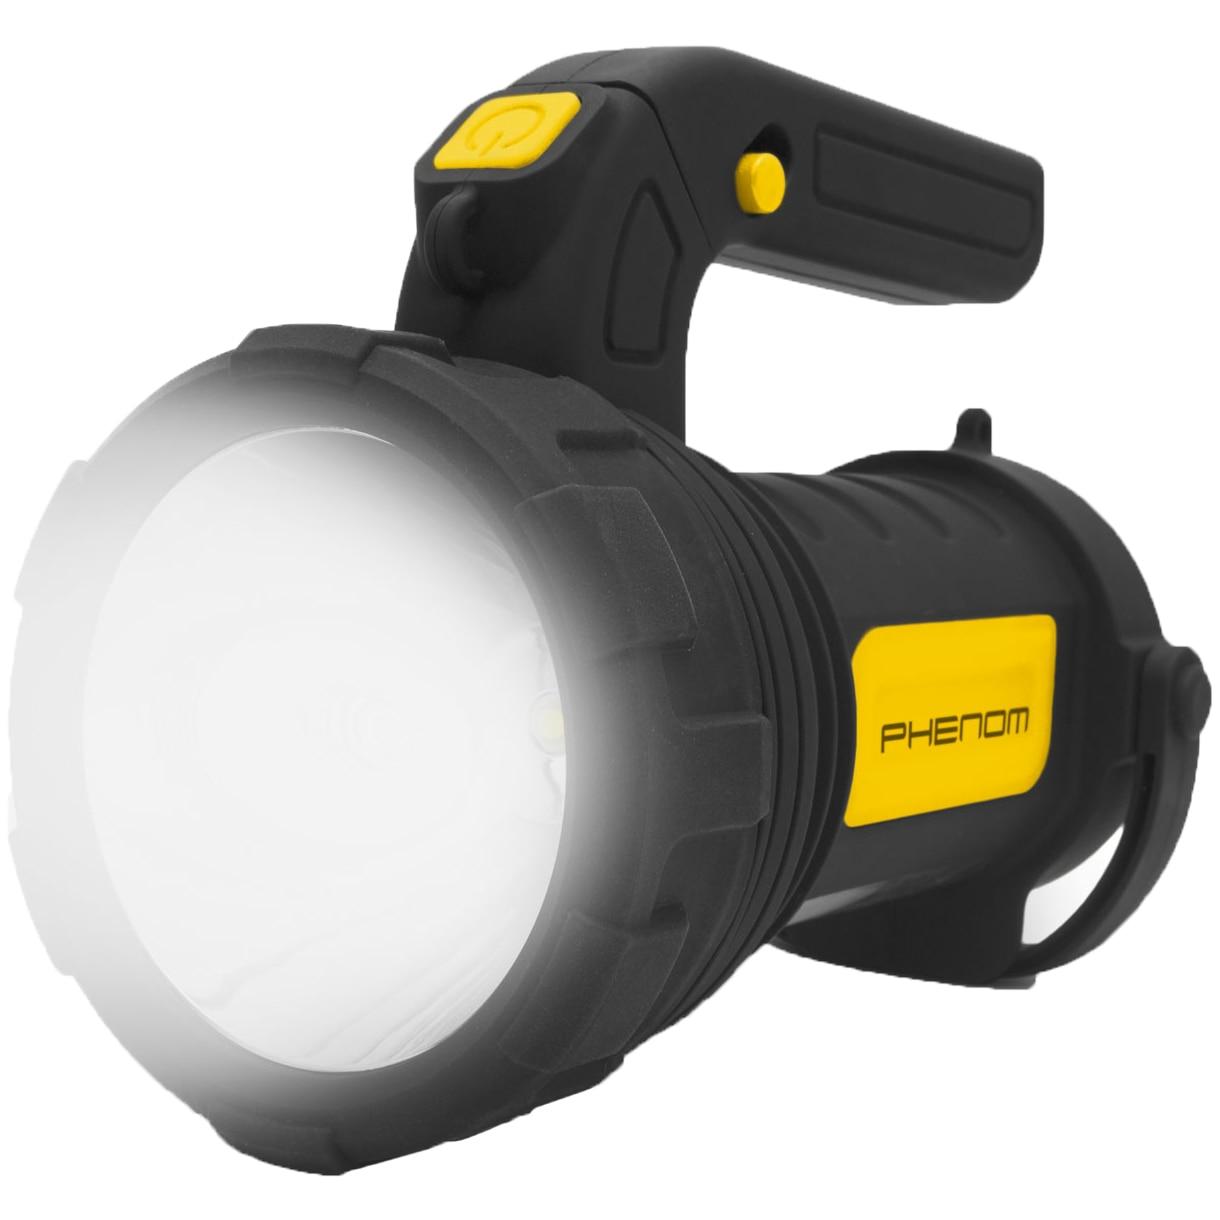 emos tölthető 5w cree led lámpa akkus kézilámpa p4526 00085721